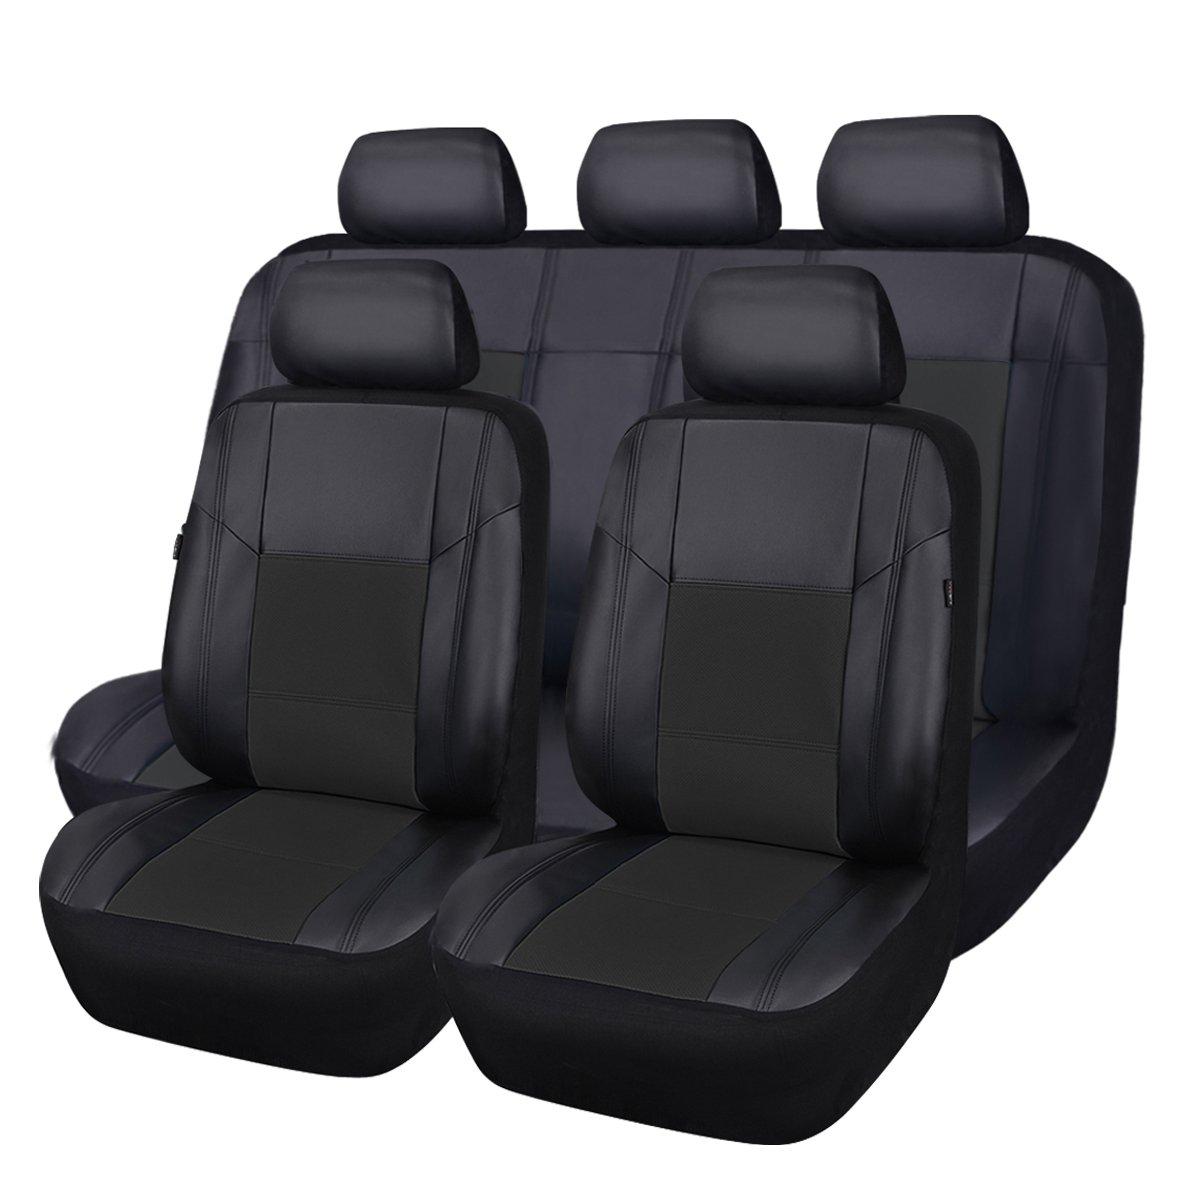 CAR PASS 車用シートカバー Skyline PUレザー 車 SUV 乗り物 共用 11PCS ブラック B01HGUOTHG 11PCS|BLACK WITH BLACK BLACK WITH BLACK 11PCS